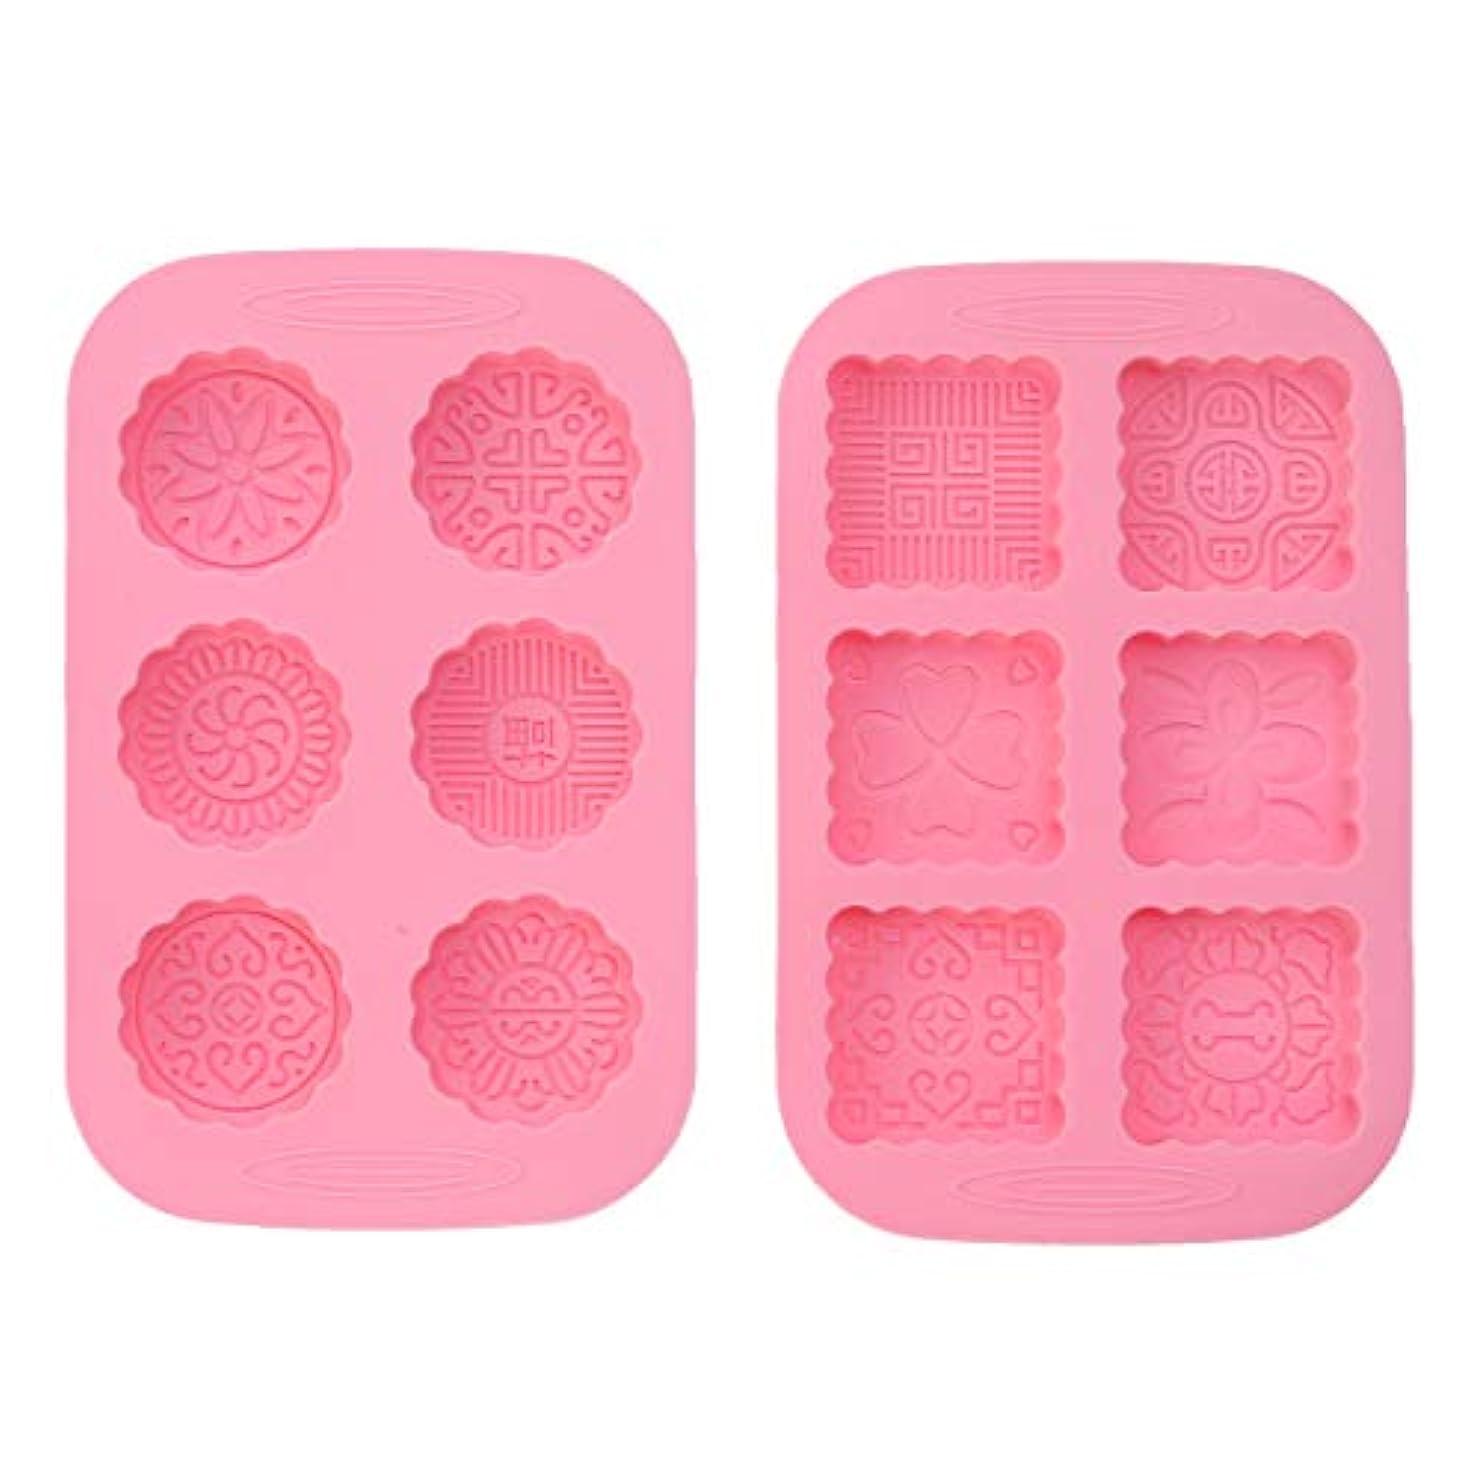 カヌーペインあごひげHealifty チョコレート石鹸パンのための2本の月餅型の花型(ピンク)